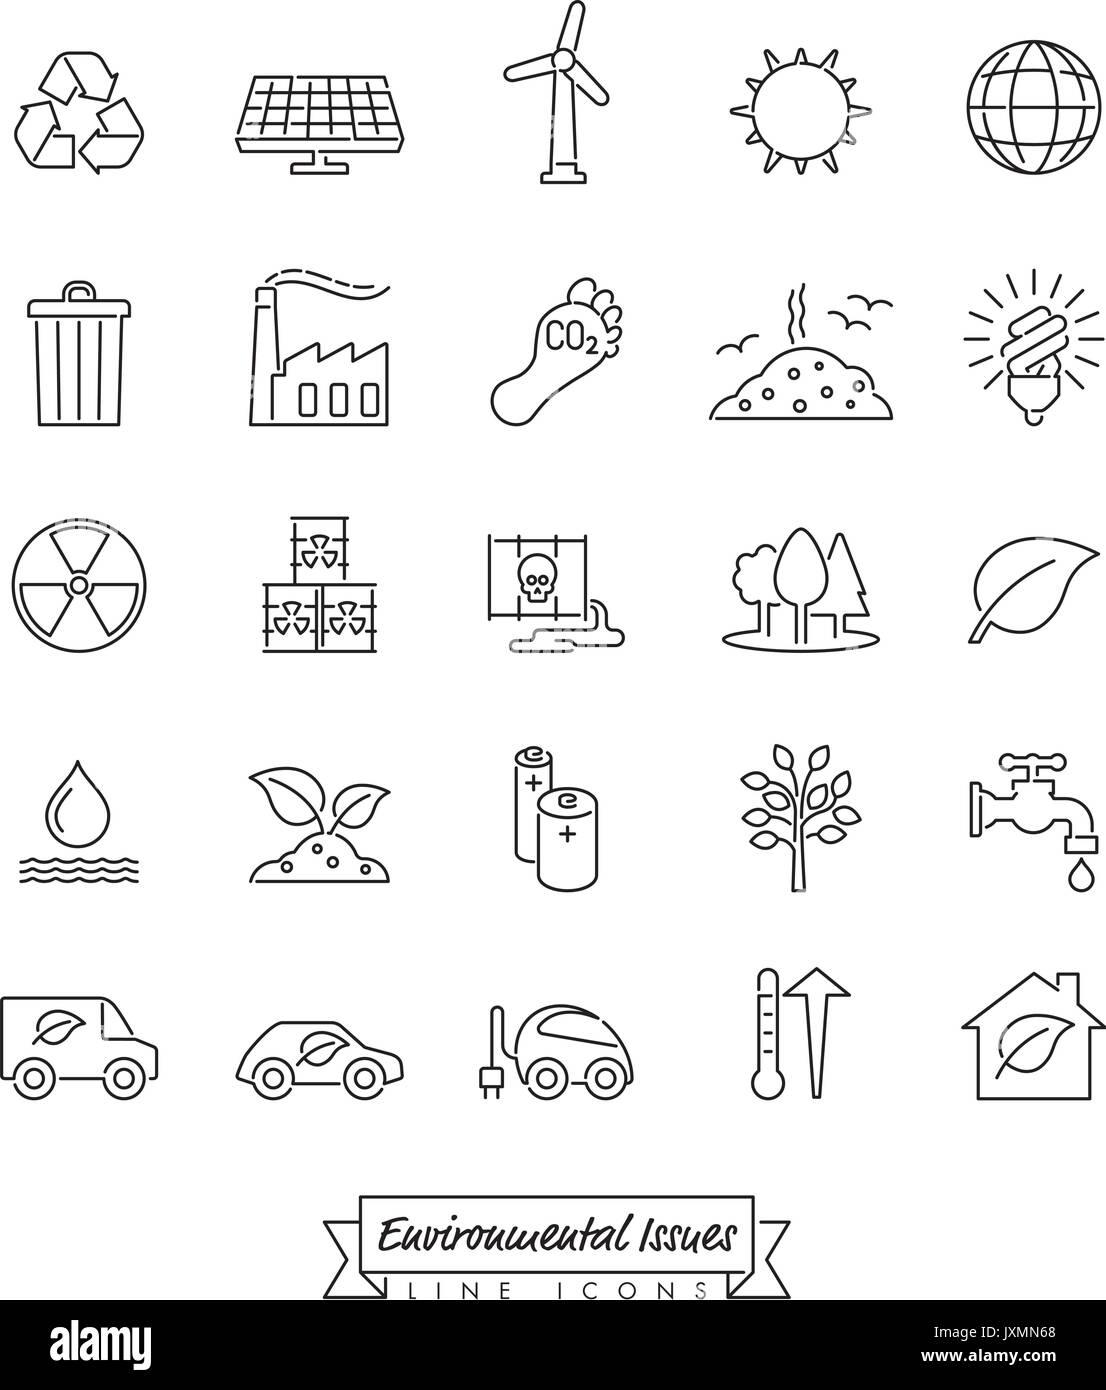 Collection de l'environnement et changements des icônes vectorielles décrites Illustration de Vecteur